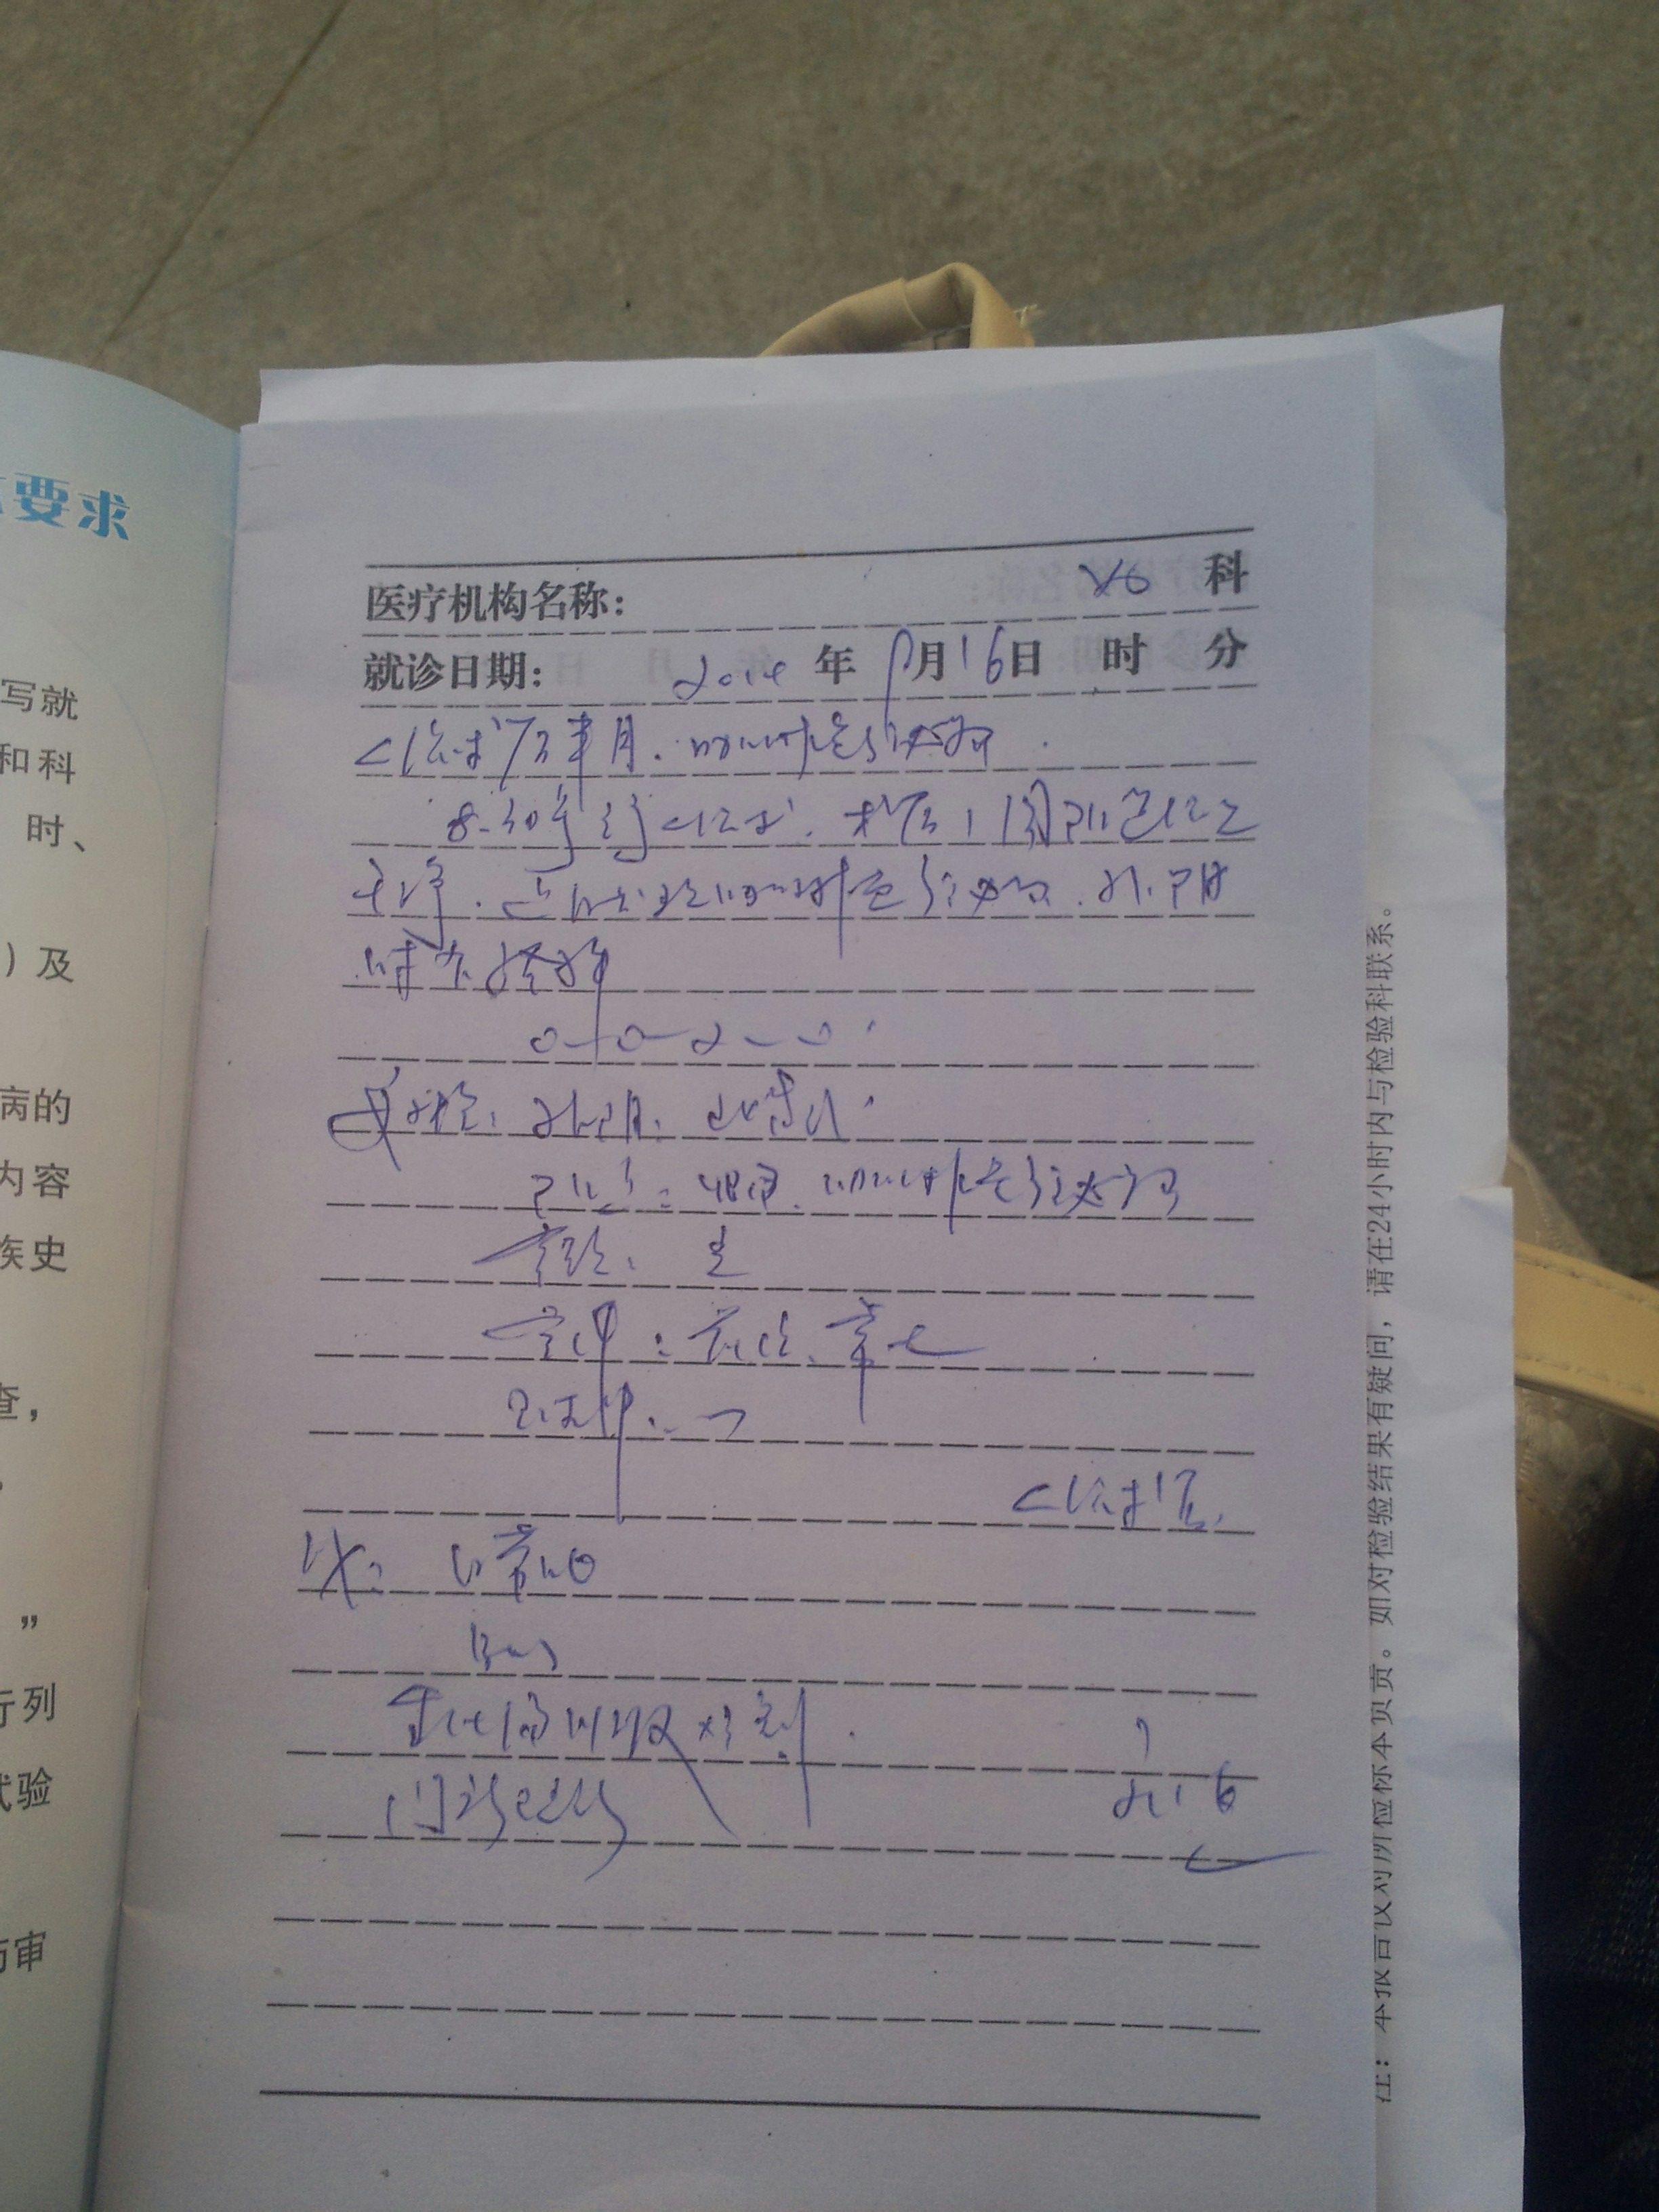 妇科医生给我对象写的病历的字看不懂,求逐字解释.谢谢